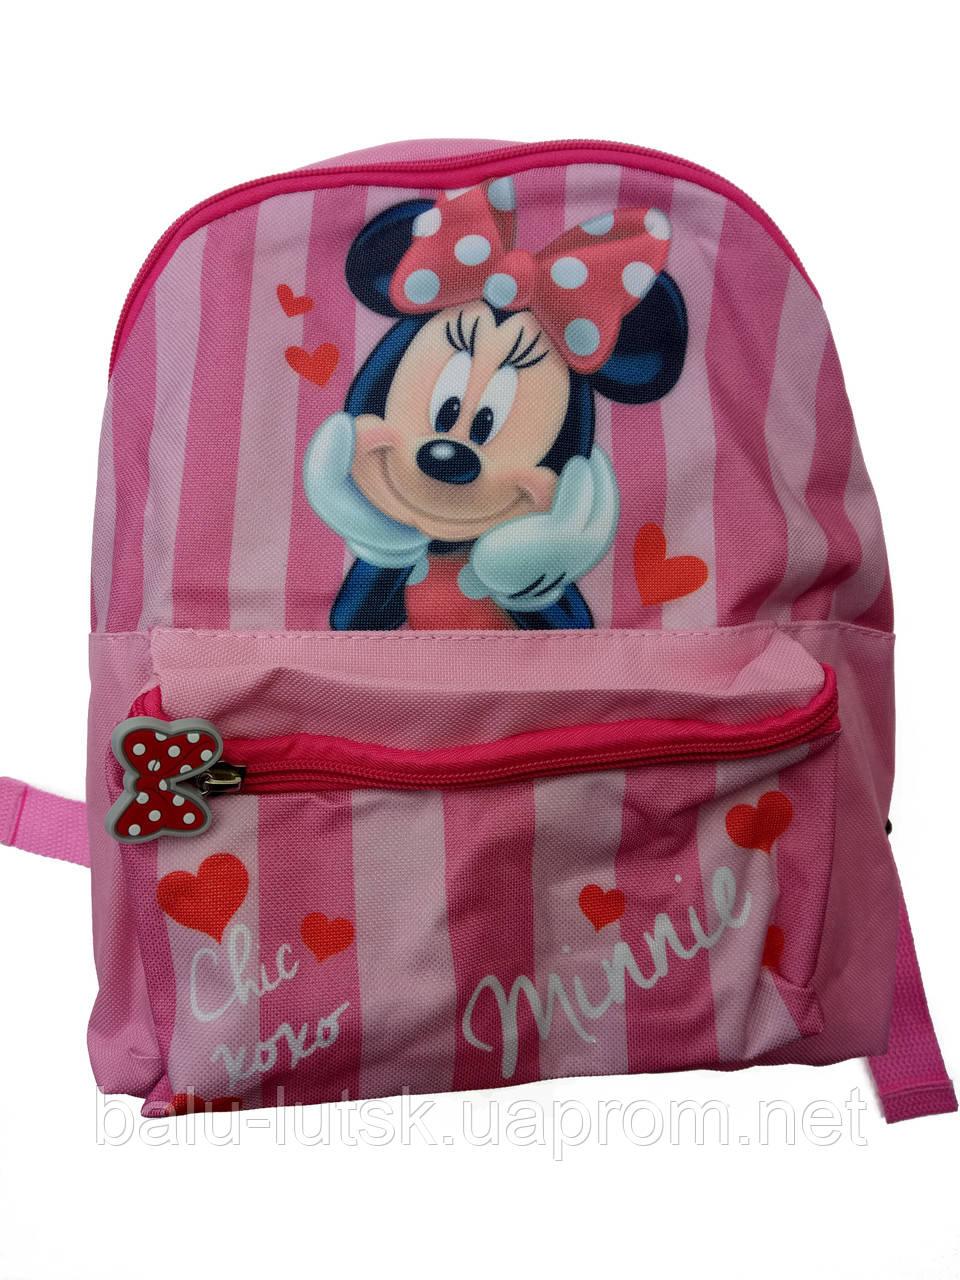 8d09de0cfa37 Рюкзак для девочки MINNIE MOUSE , цена 175 грн., купить в Луцке ...